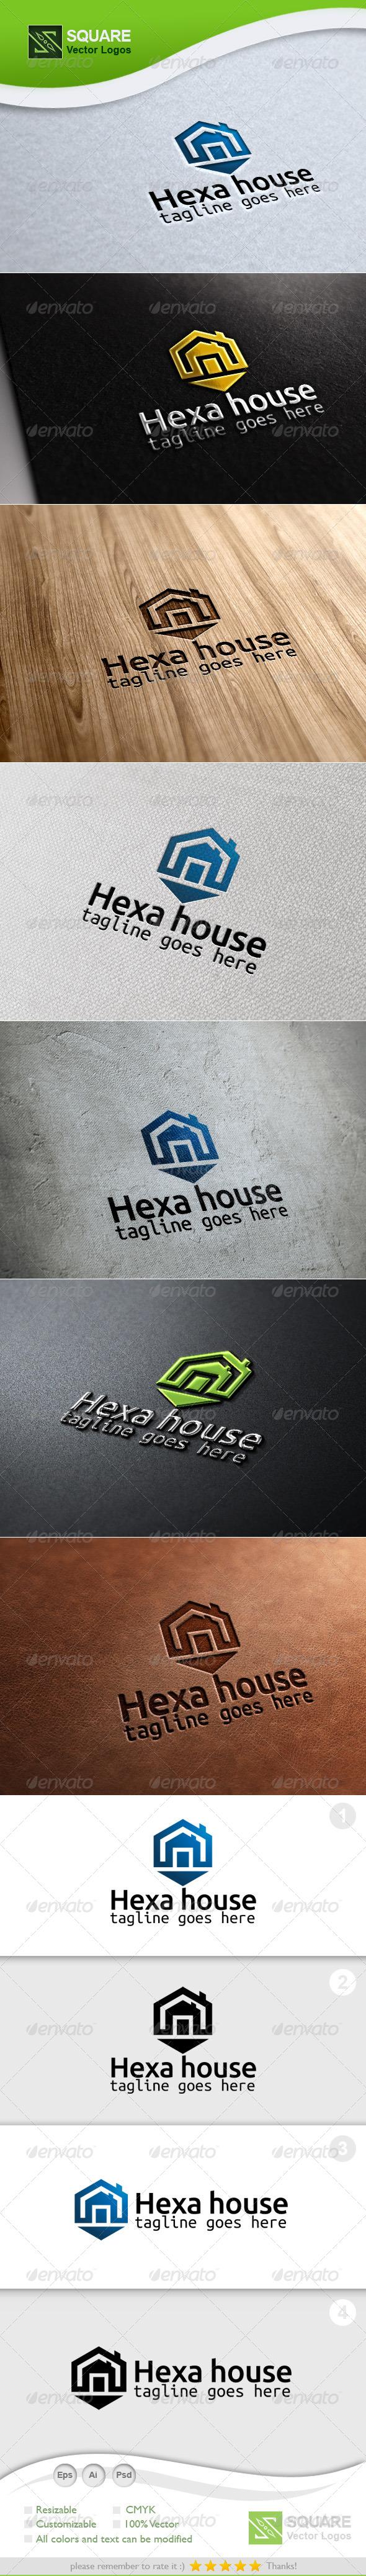 GraphicRiver Hexagon House Vector Logo Template 6694695